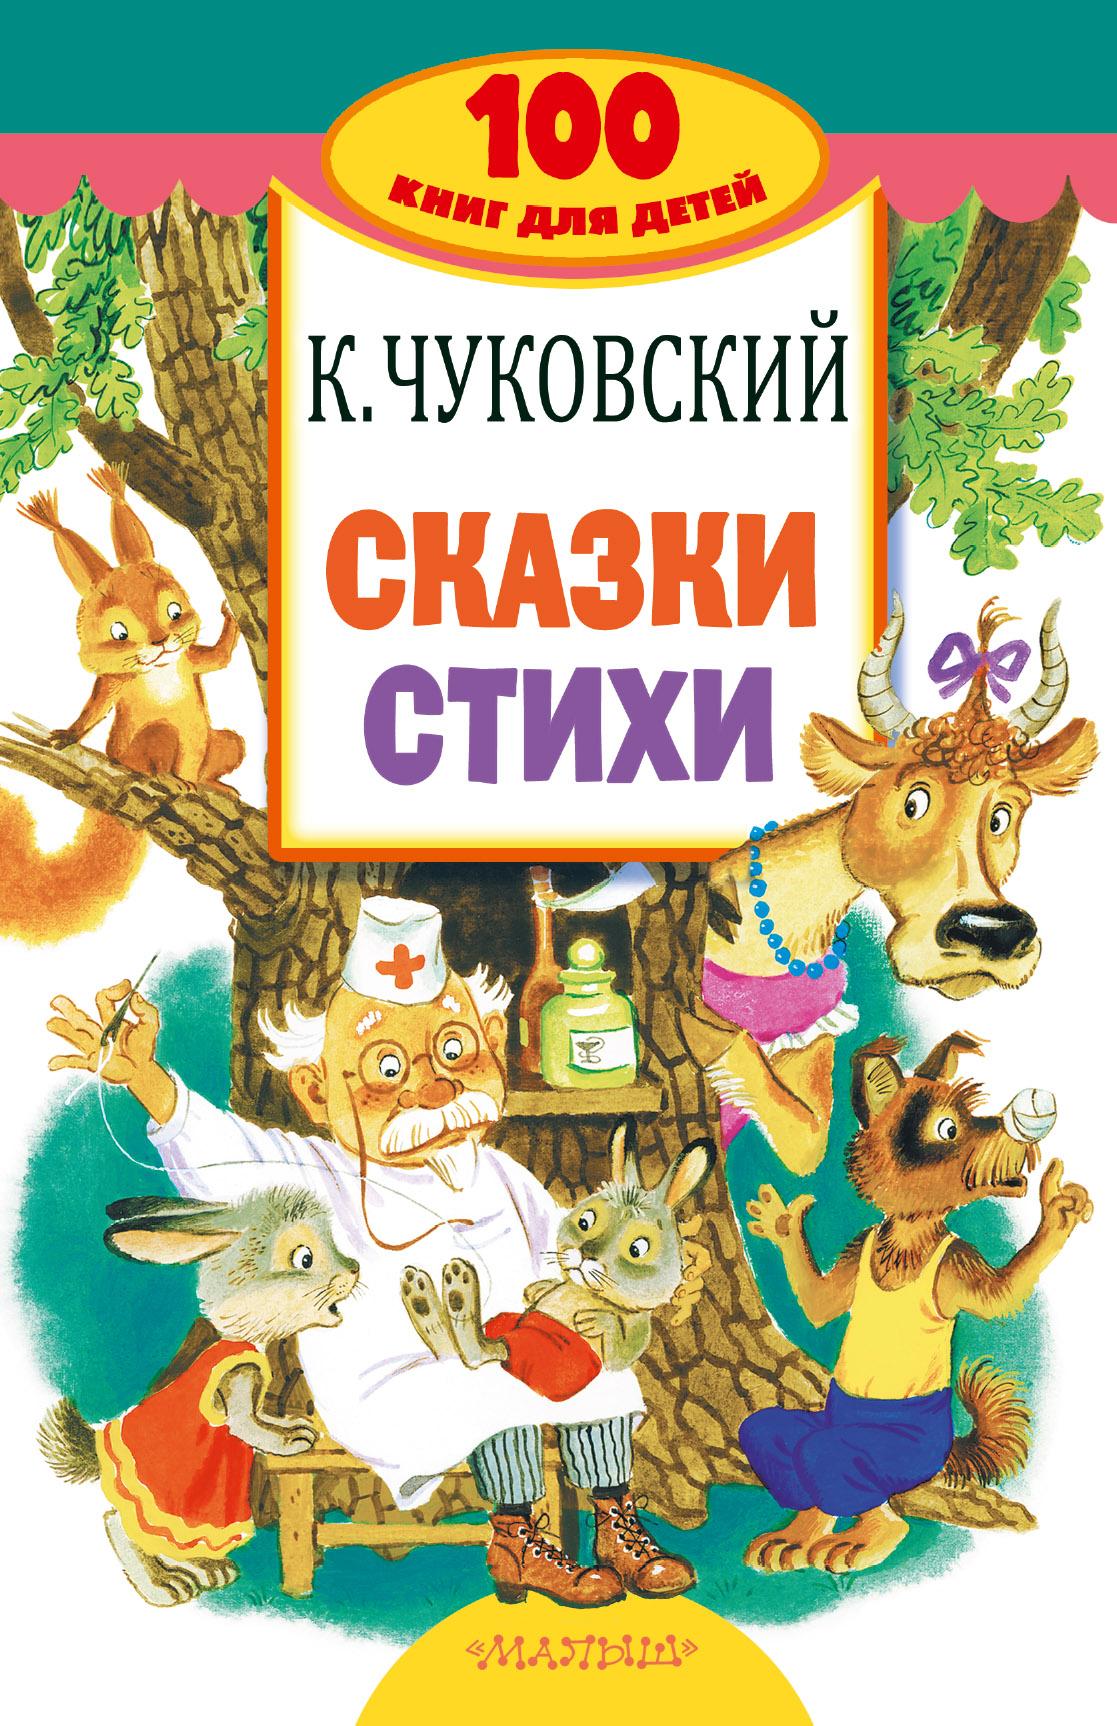 Чуковский К.И. Сказки, стихи стихи для детей